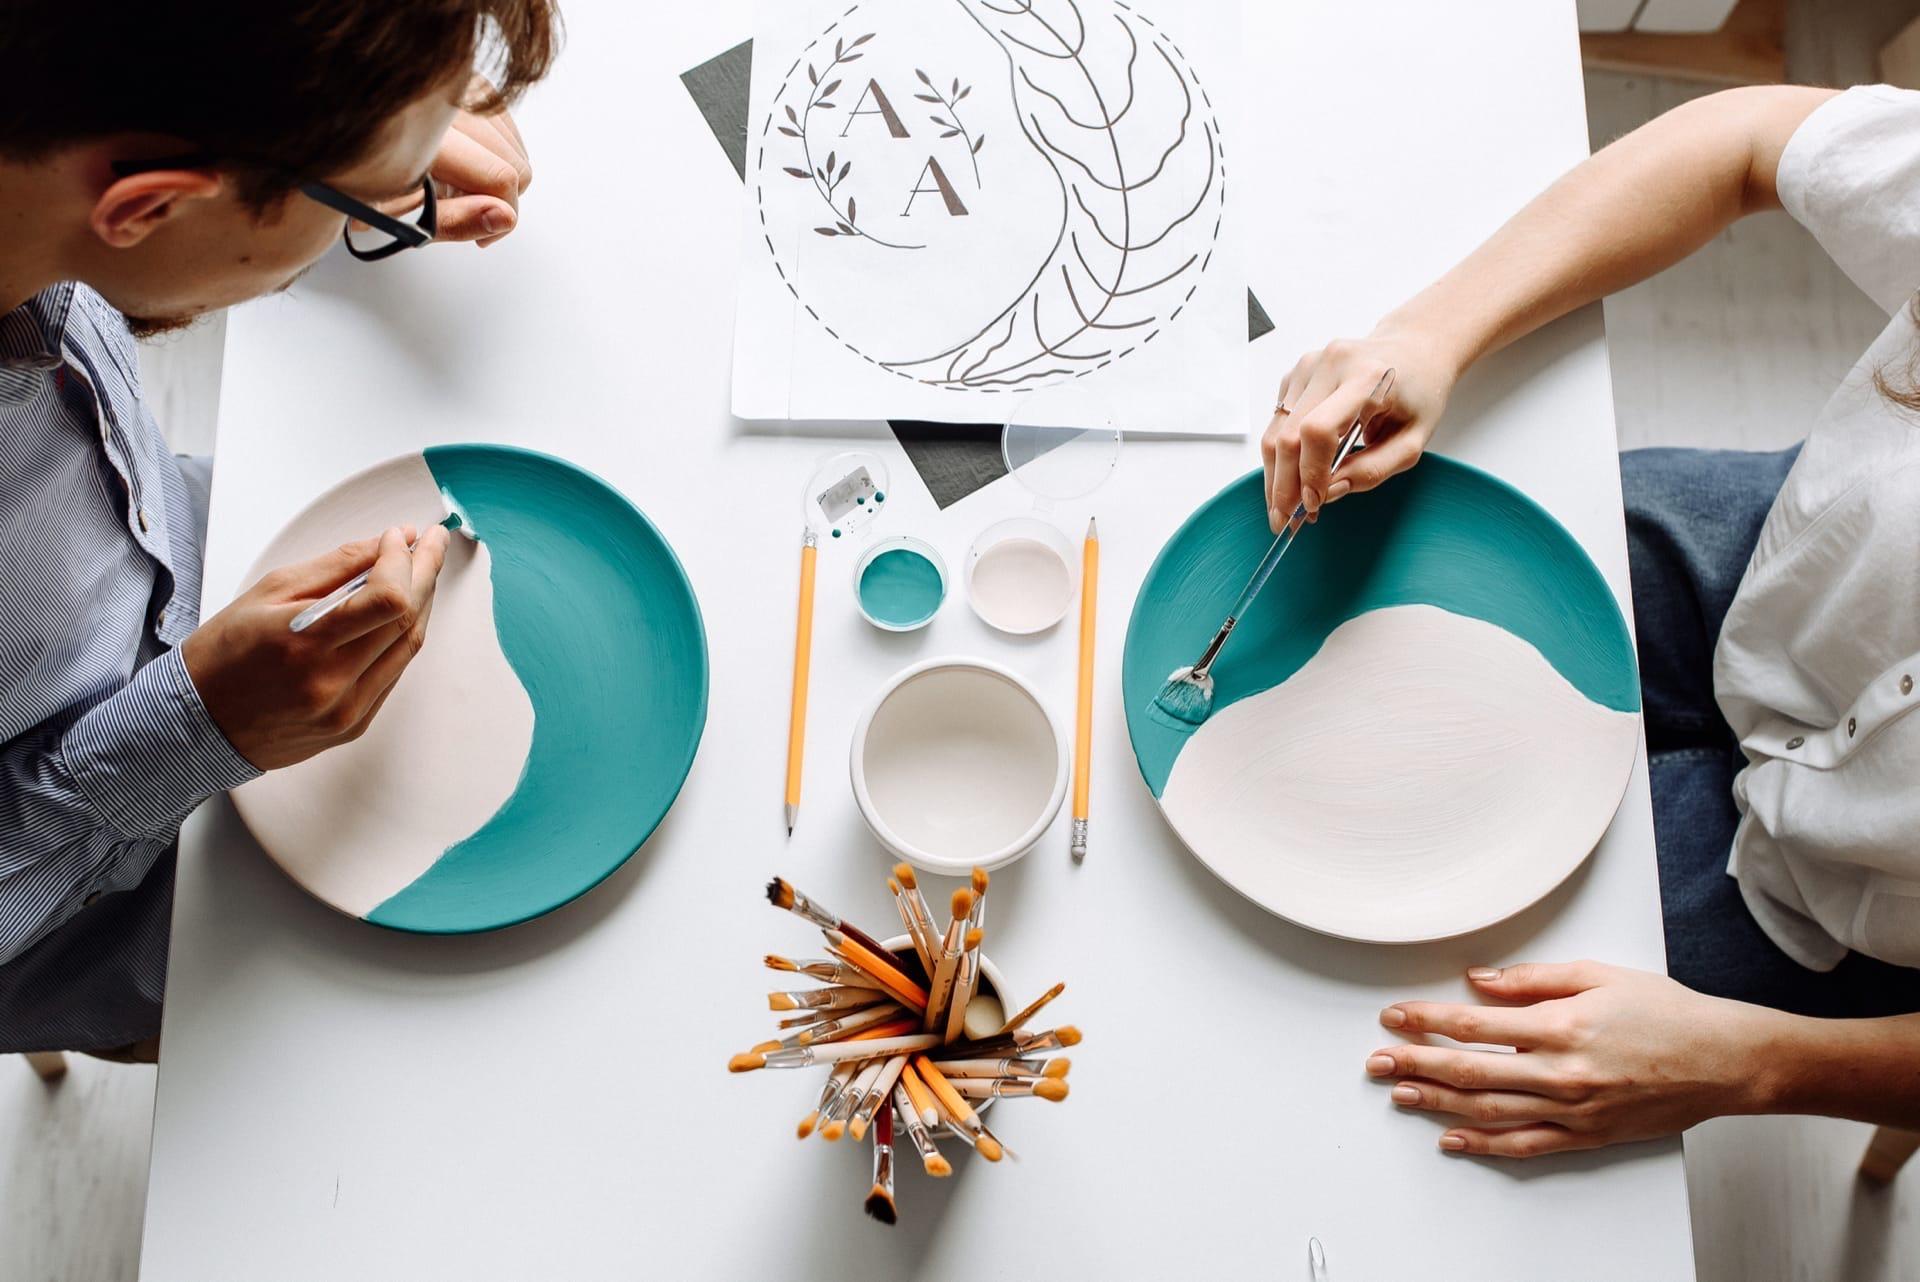 Здесь можно создать почти что угодно: подсвечники, блюдца причудливой формы, чашки и тарелки